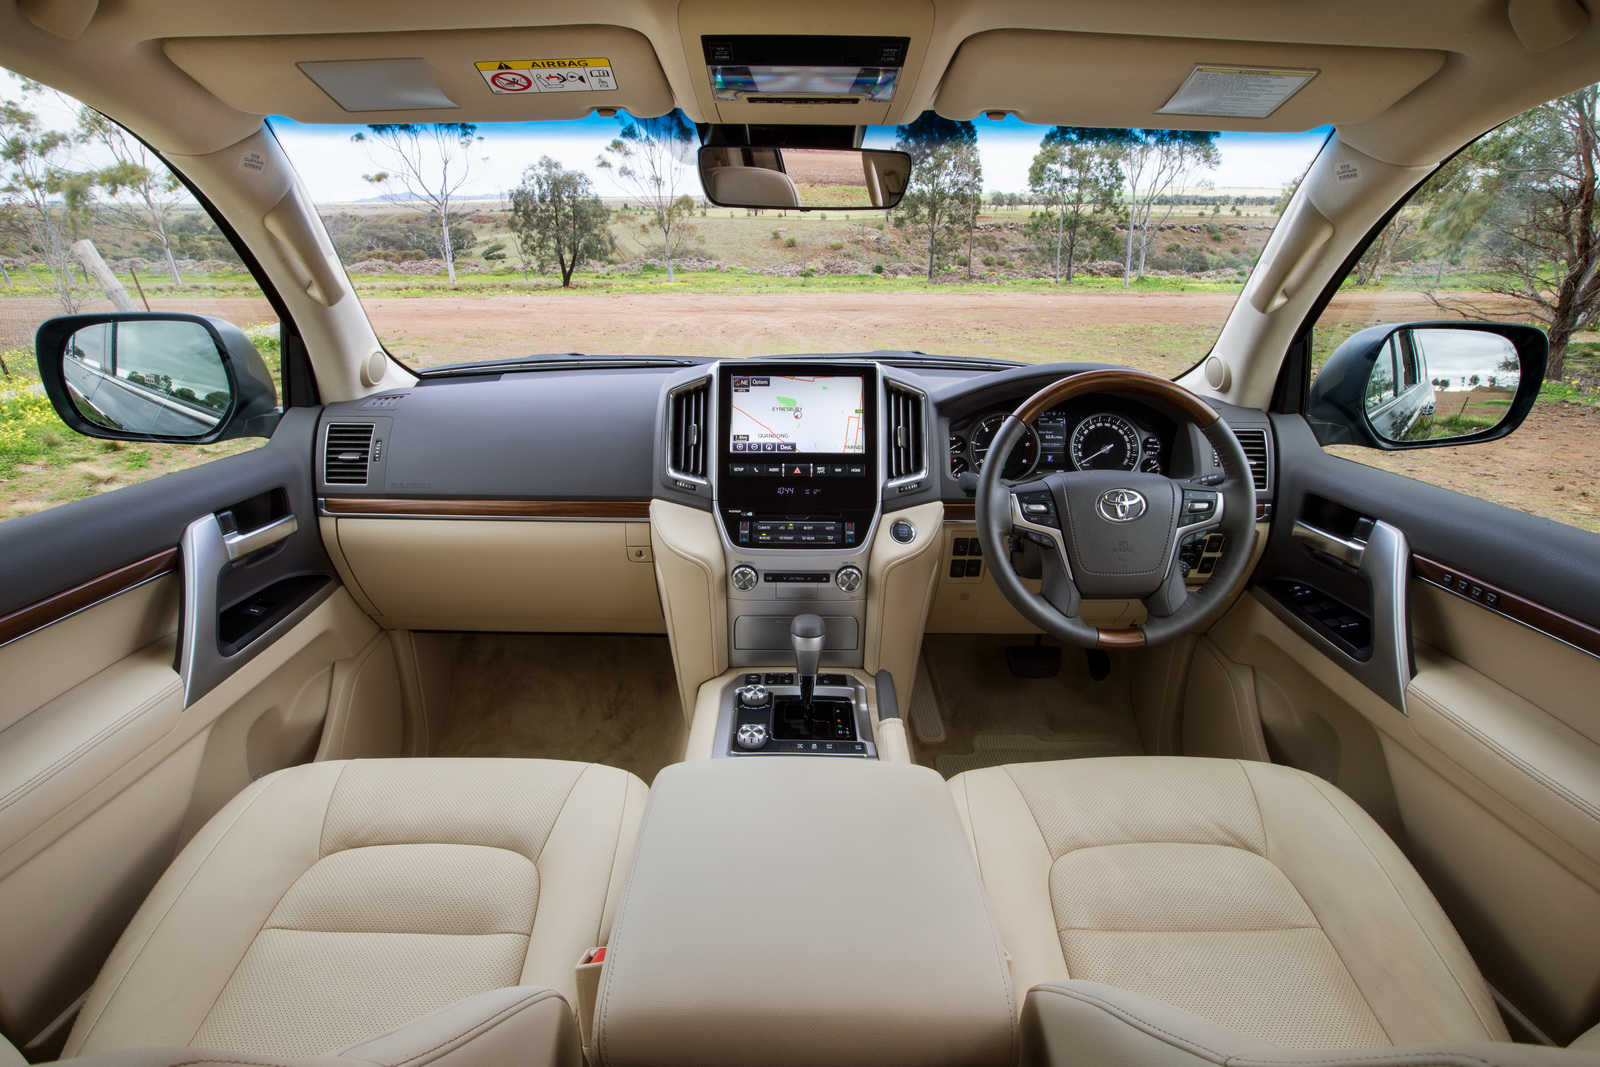 Toyota Land Cruiser 200 đọ sức cùng Audi Q7 trong phan khuc SUV cỡ lớn